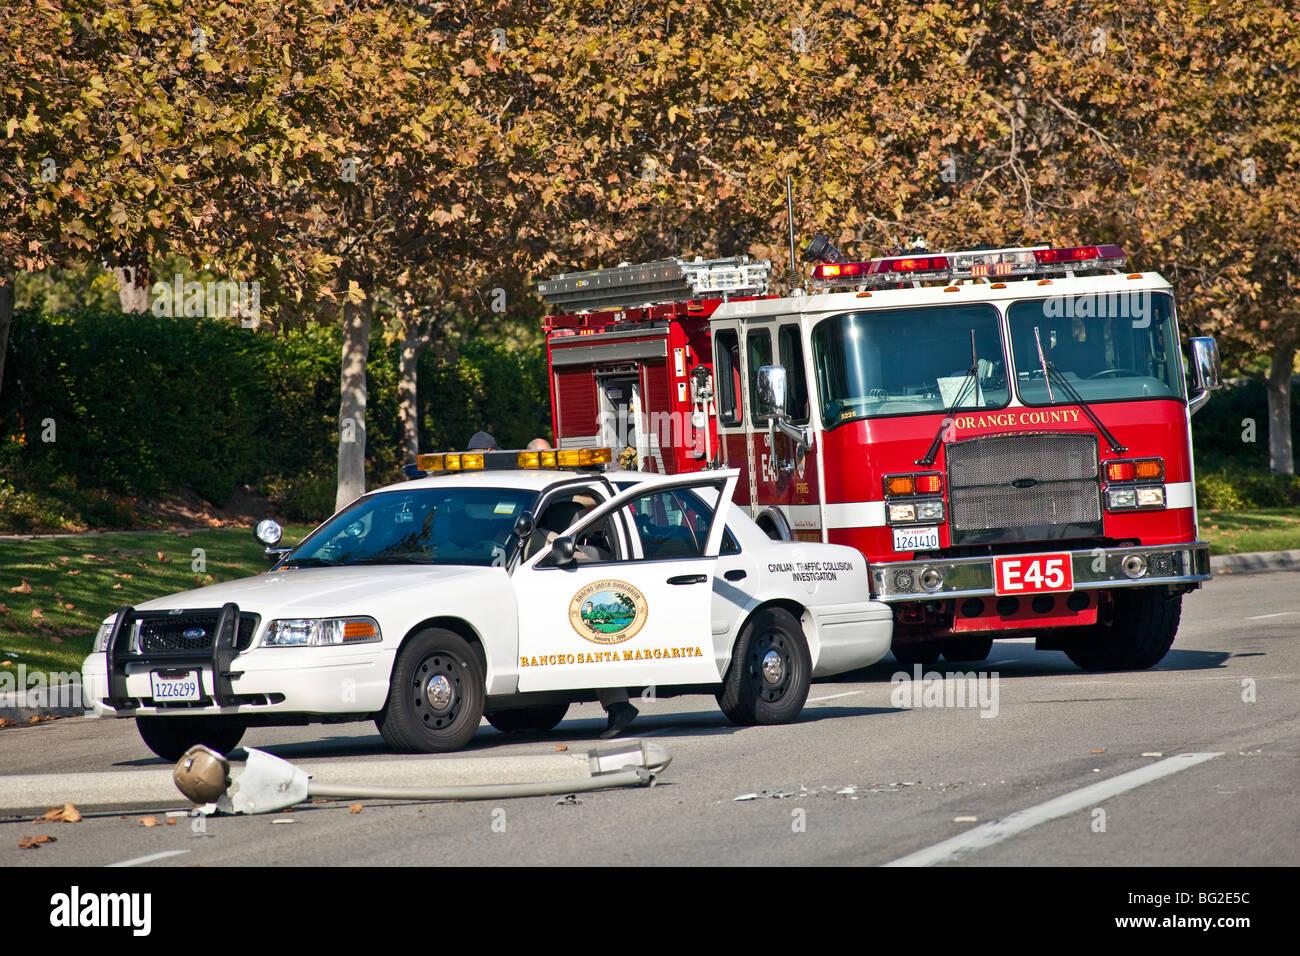 Mulher A Condução Toyota Camry Correu Em Apontá U0026 Então Em Uma Bomba De  Irrigação Em Rancho Santa Margarita, Caminhão De Incêndio CA. © Myrleen  Pearson